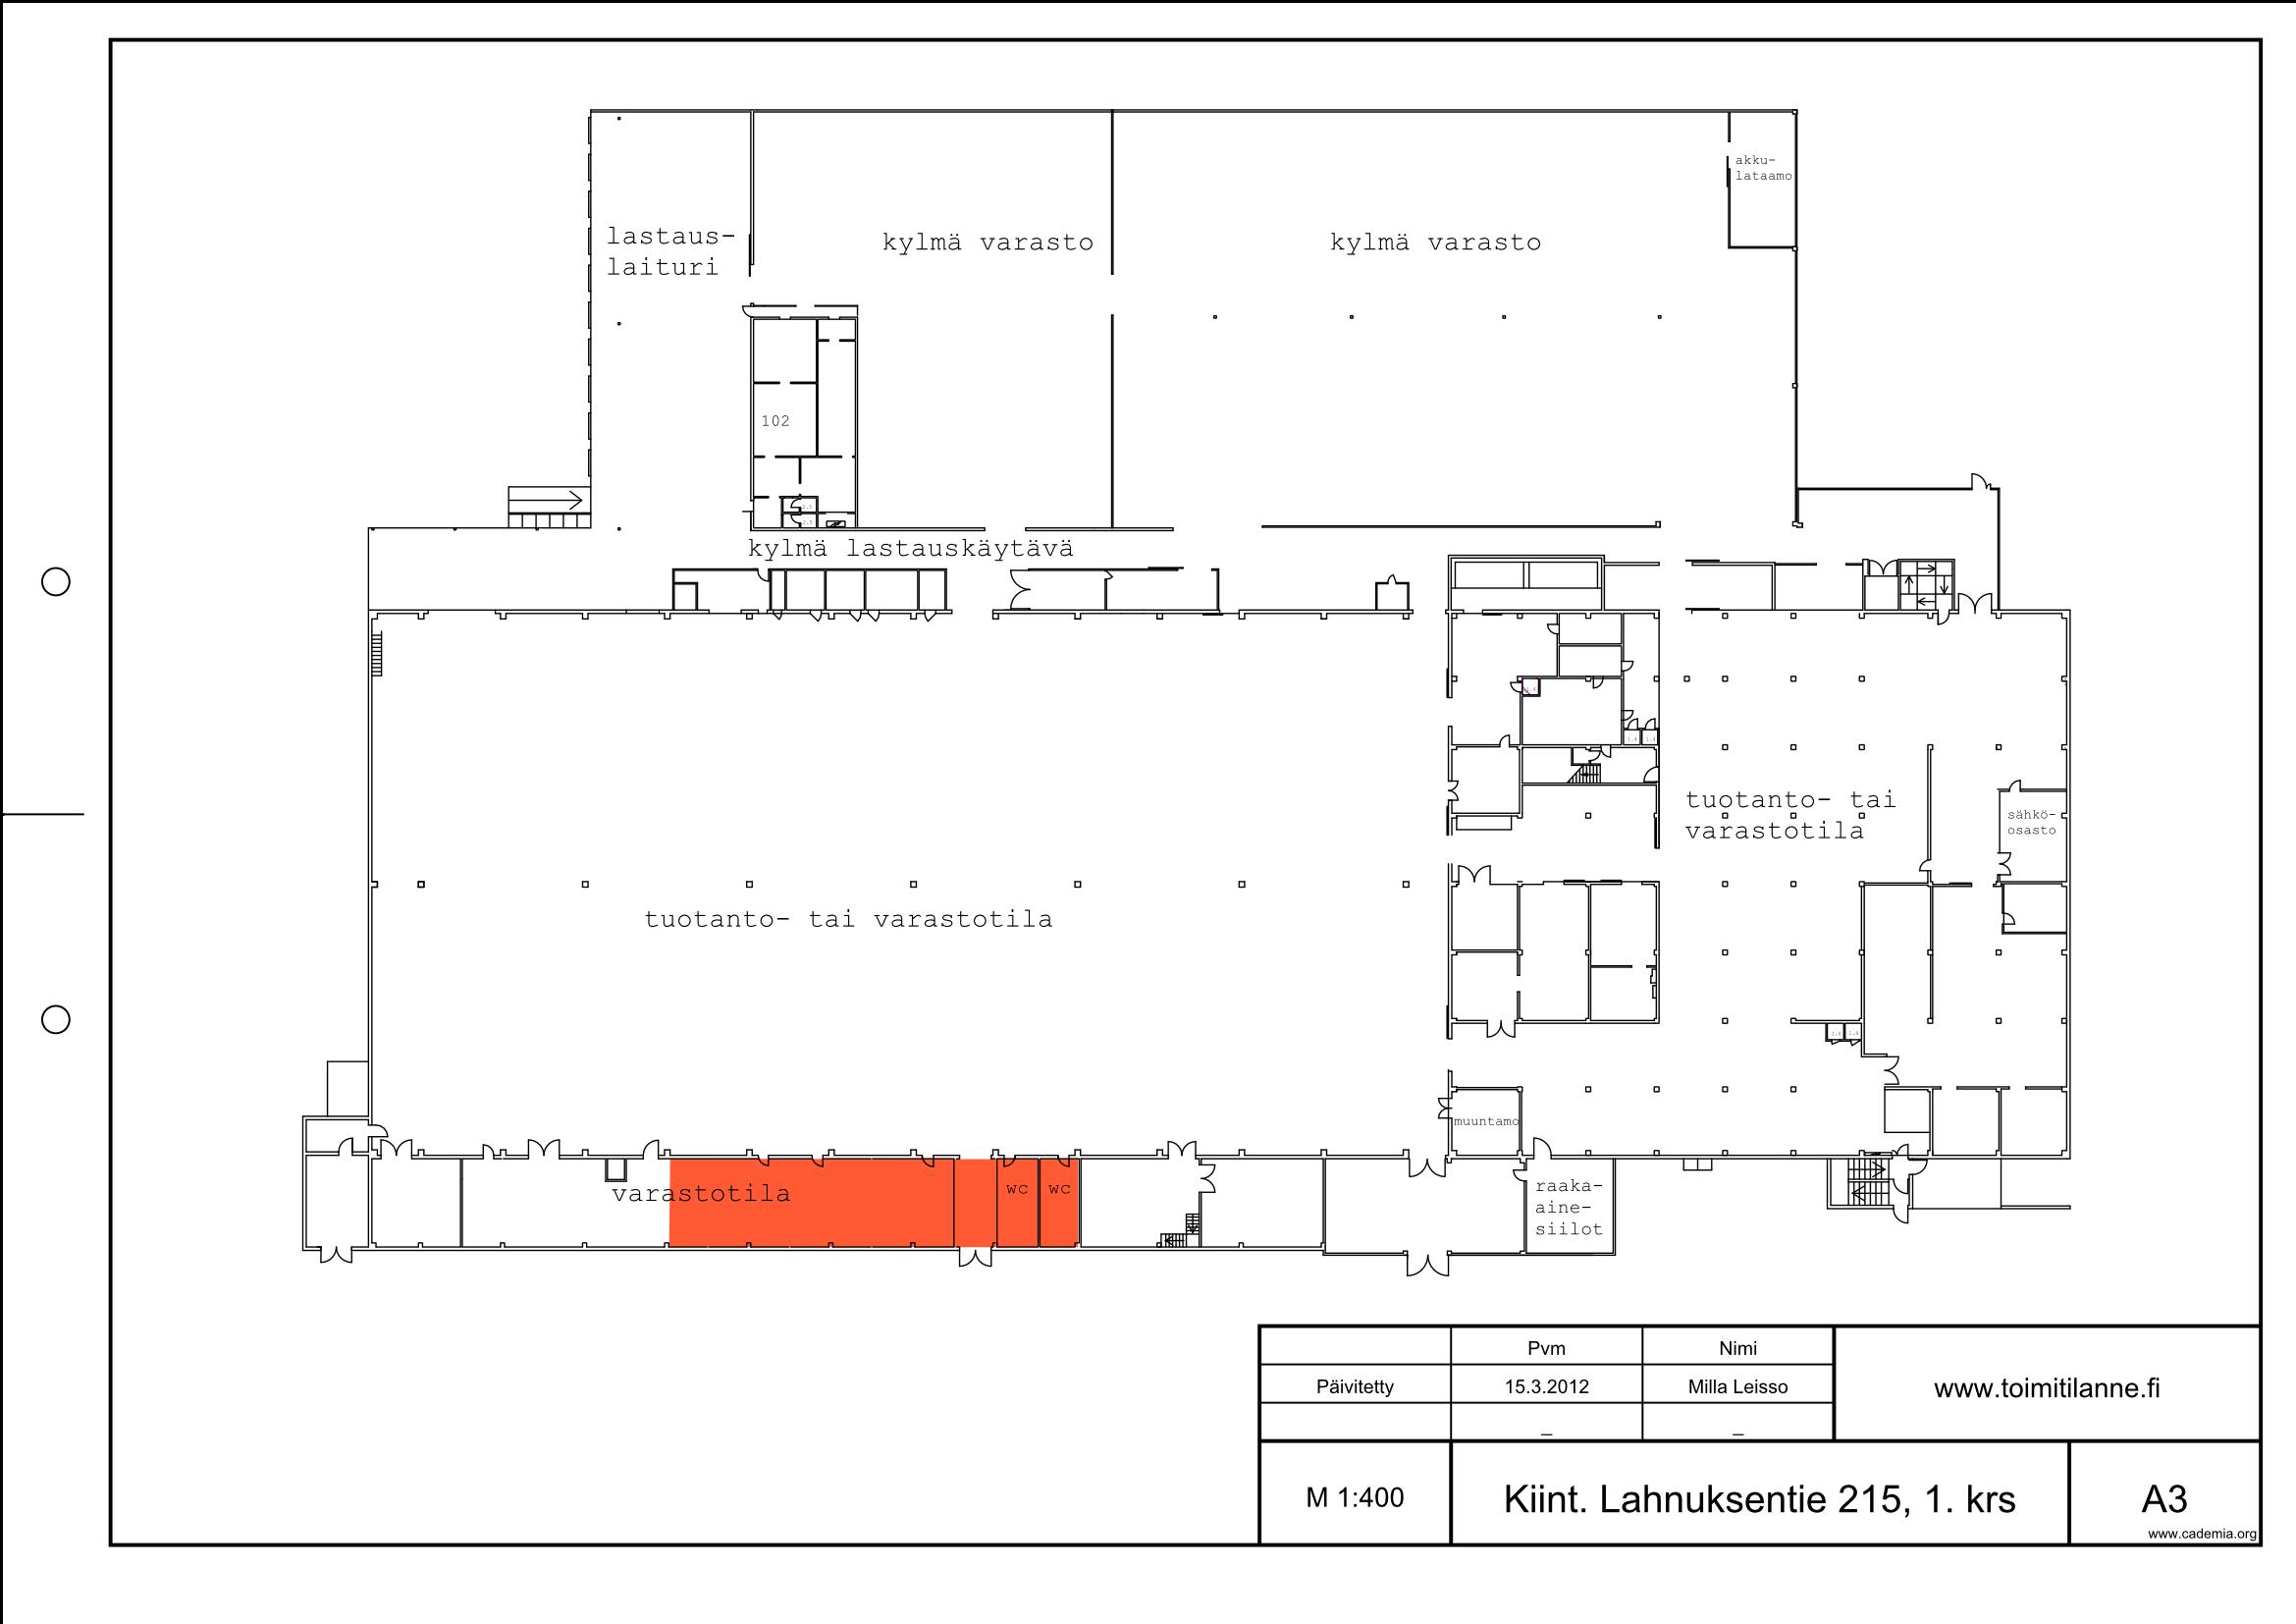 Toimitilanne Suomi, Nurmijärvi - Klaukkala, Lahnuksentie 215. Koulutustila 195 m².